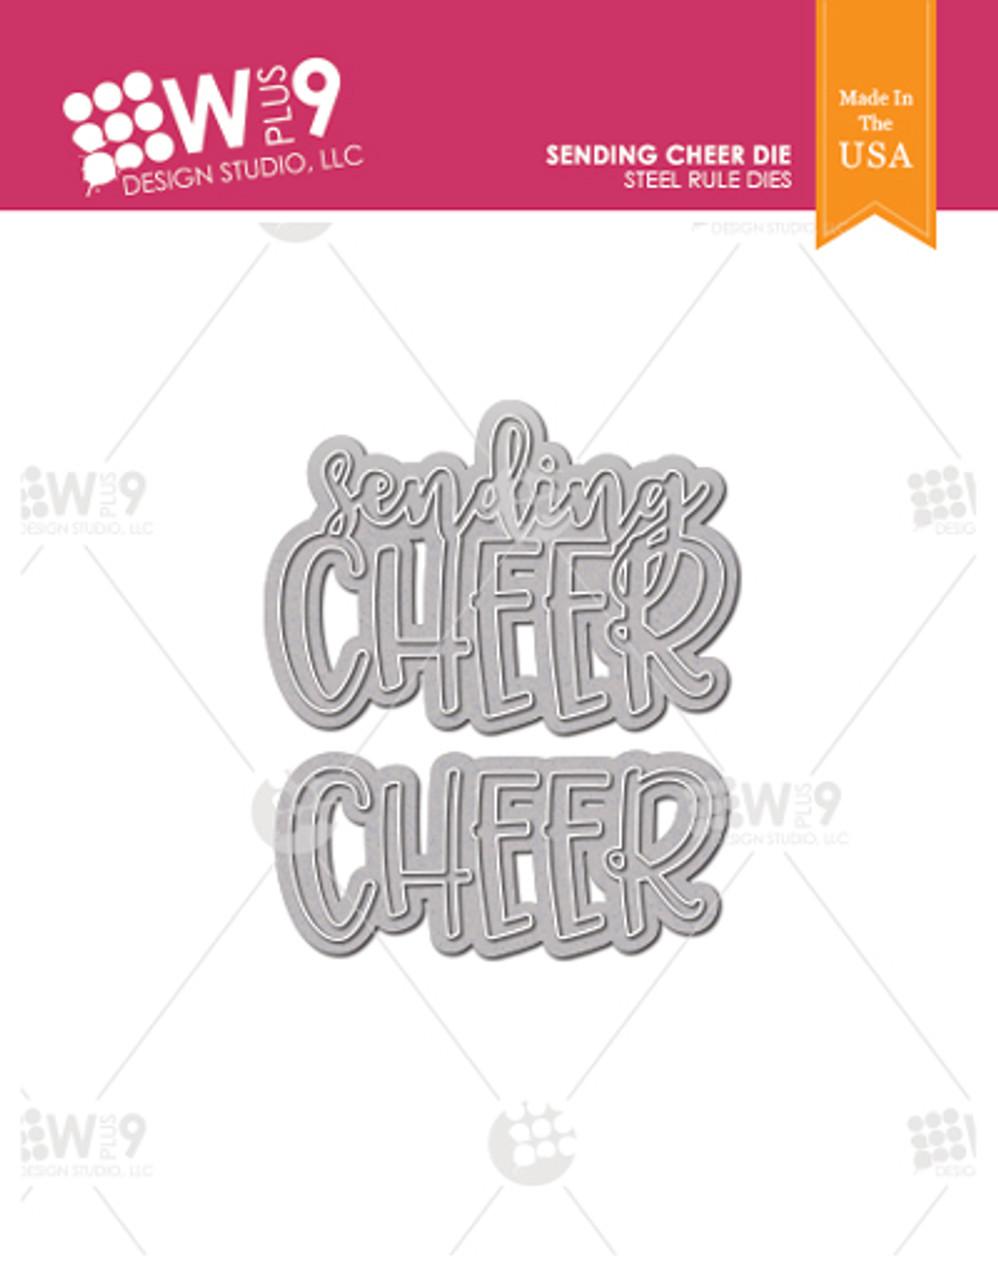 Sending Cheer Die